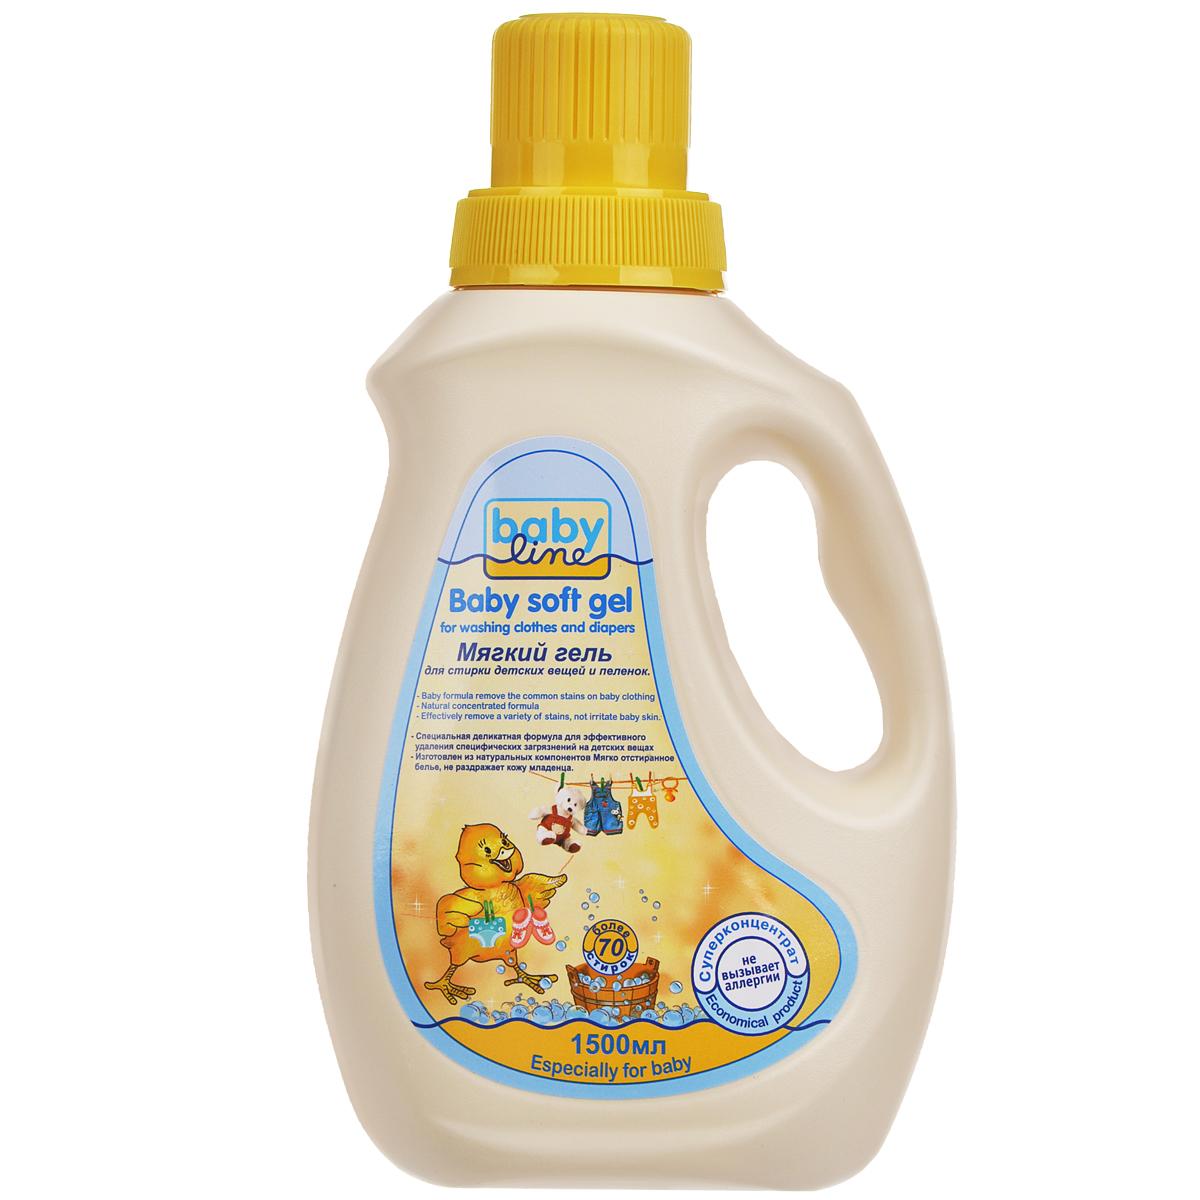 BabyLine Мягкий гель для стирки детских вещей и пеленок, 1,5 лGC204/30Мягкий гель BabyLine позволяет эффективно защищать одежду ребенка от разнообразных бактерий. Экстракт хлопка, содержащийся в продукте, проникает в ткань, смягчая и улучшая текстуру волокон, улучшает яркость и придает свежесть одежде после стирки.В гель также добавлен компонент для ухода за кожей, так что ваши руки будут надежно защищены во время стирки. После использования геля Babyline не нужно использовать кондиционеры-ополаскиватели. Характеристики:Объем: 1,5 л. Артикул: 182733448. Изготовитель: Германия. Товар сертифицирован.